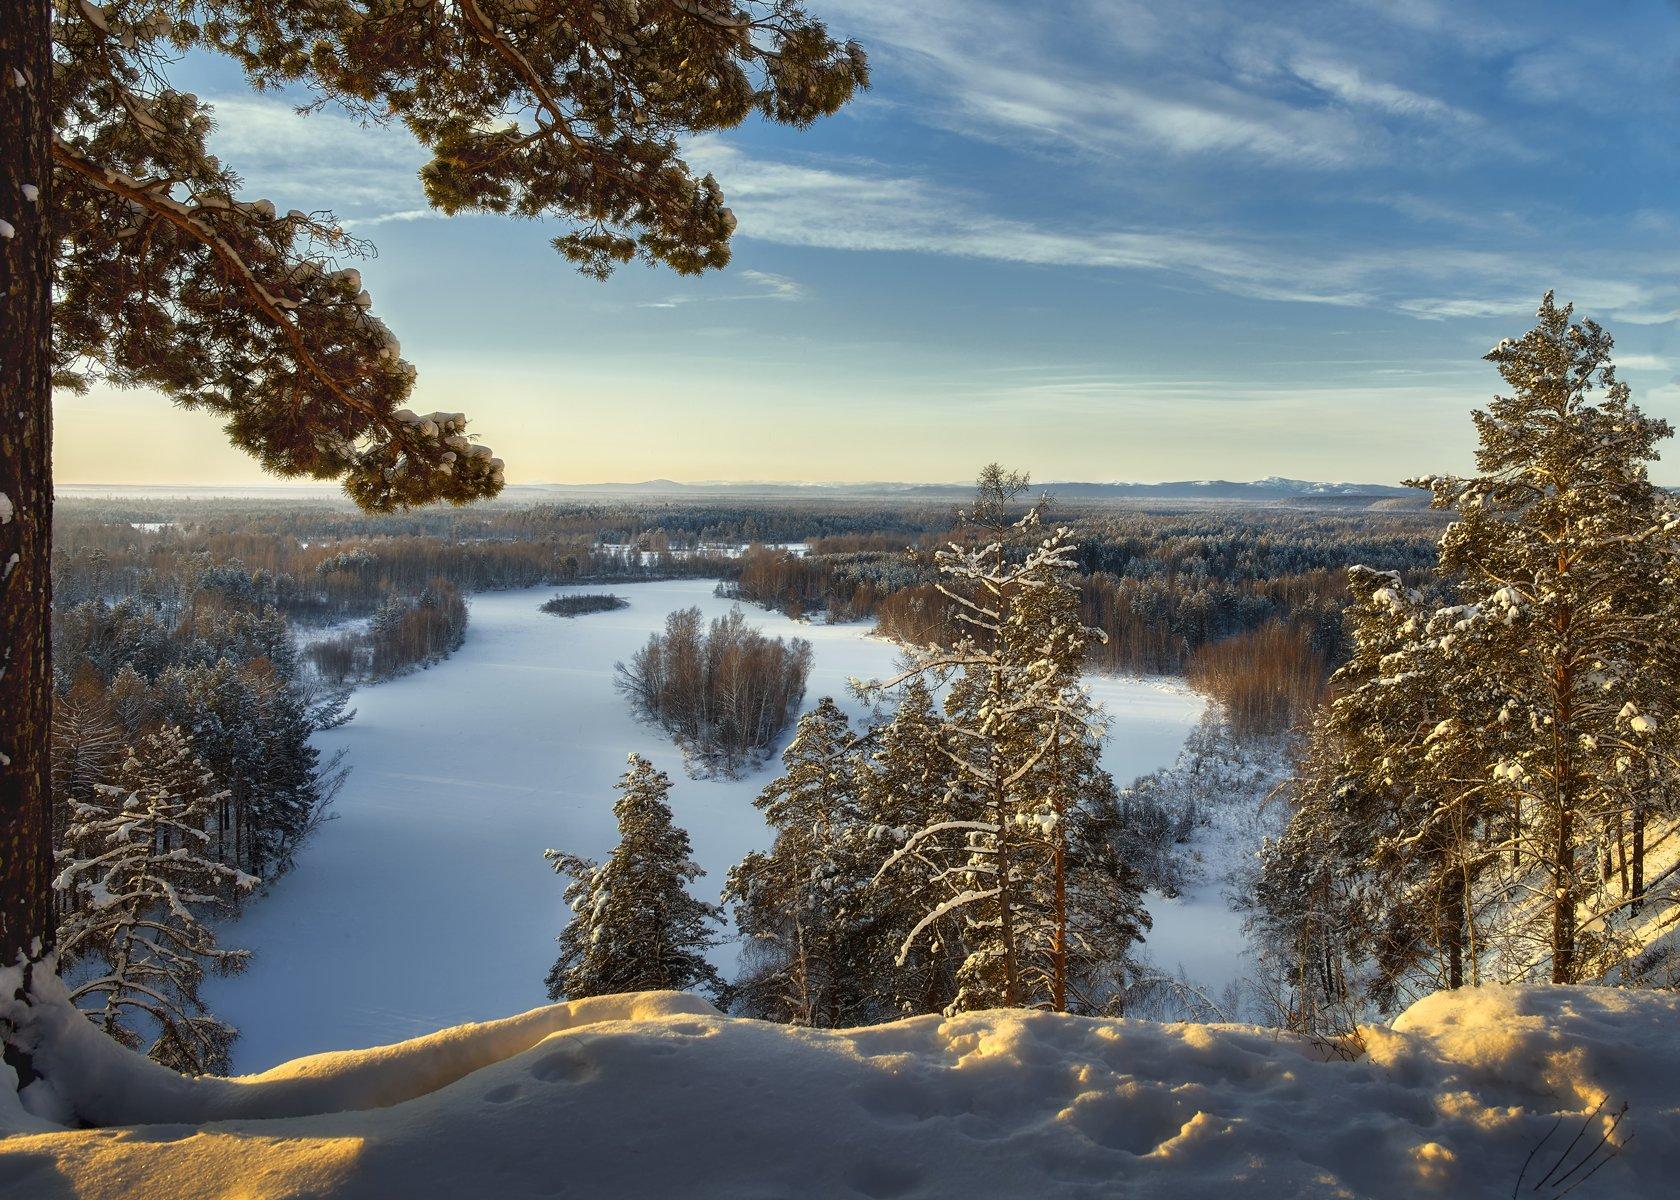 зулумайский  заповедник, река зима ,снег,сосны в снегу,утро,восточные саяны, Сергей